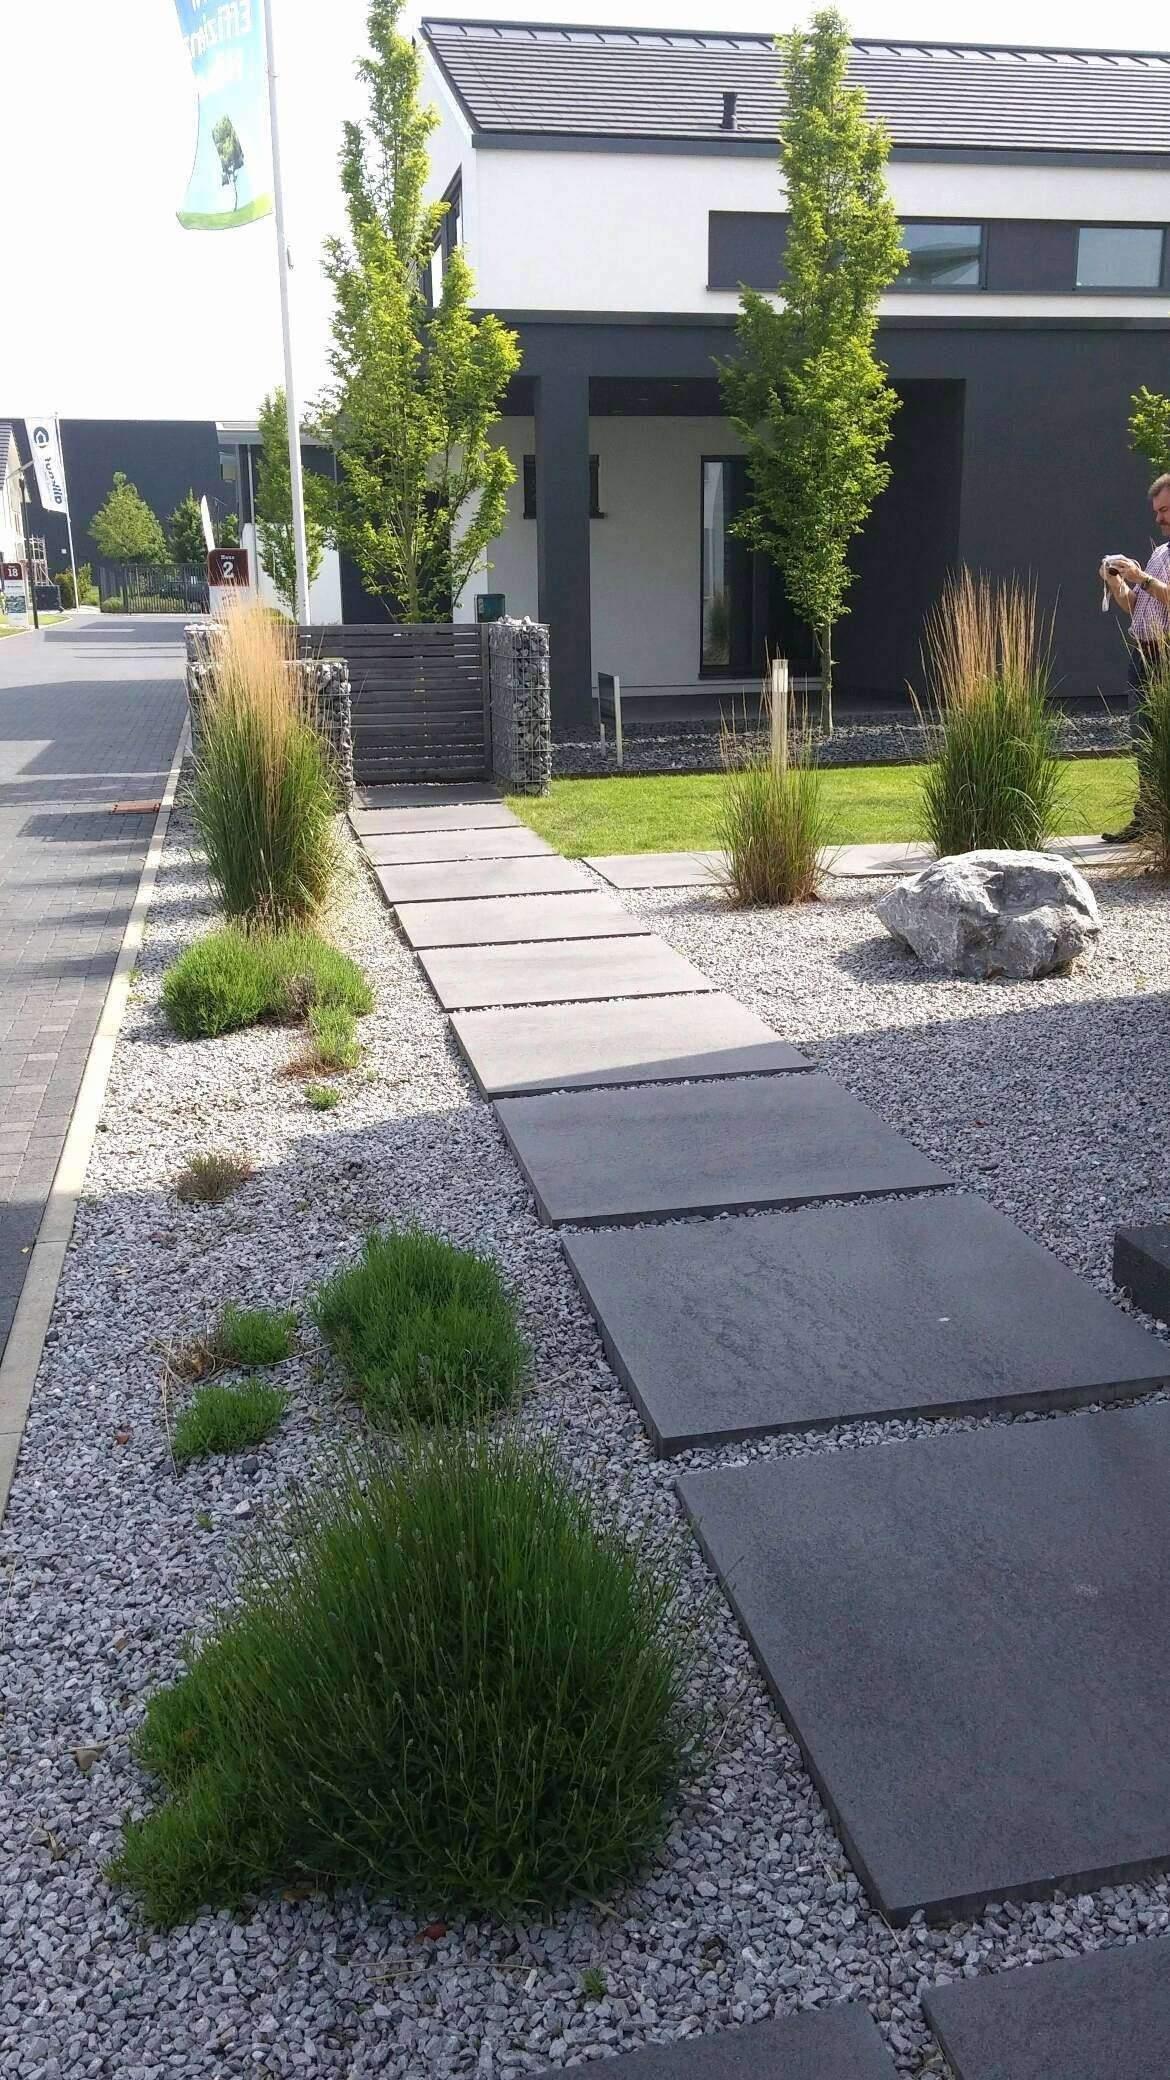 Garten Gestalten Online Inspirierend Garten Ideas Garten Anlegen Lovely Aussenleuchten Garten 0d